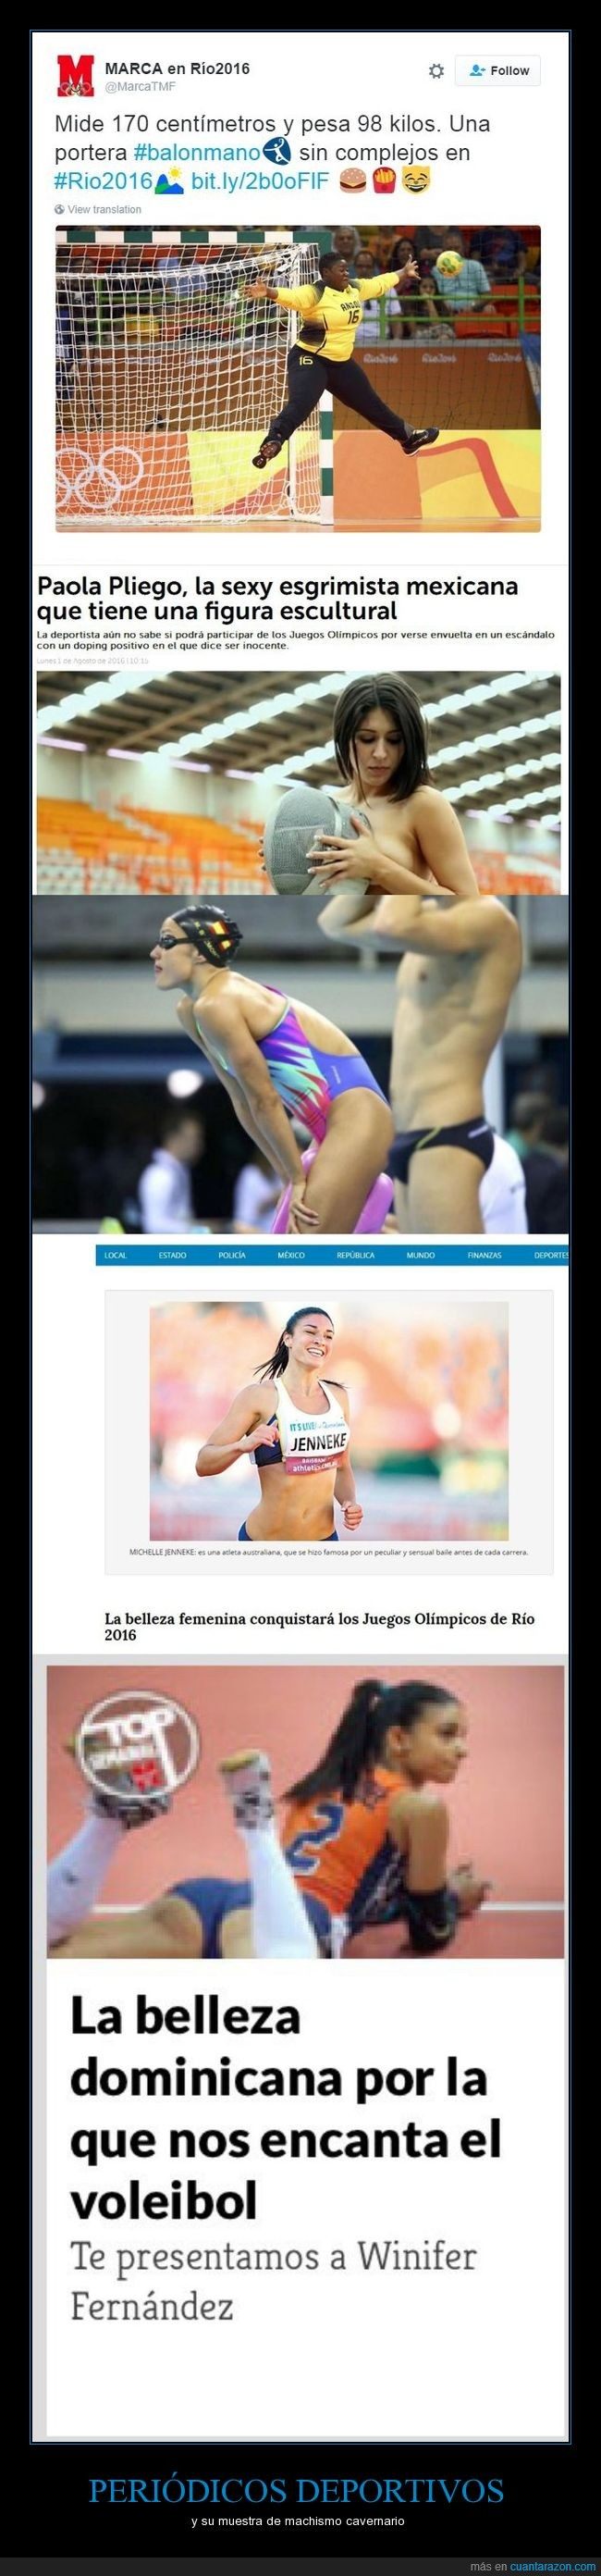 Brasil,Feminismo,Lacra,Machismo,Marca,Me Río de Janeiro,Olimpiadas,Sociedad,Yes we can